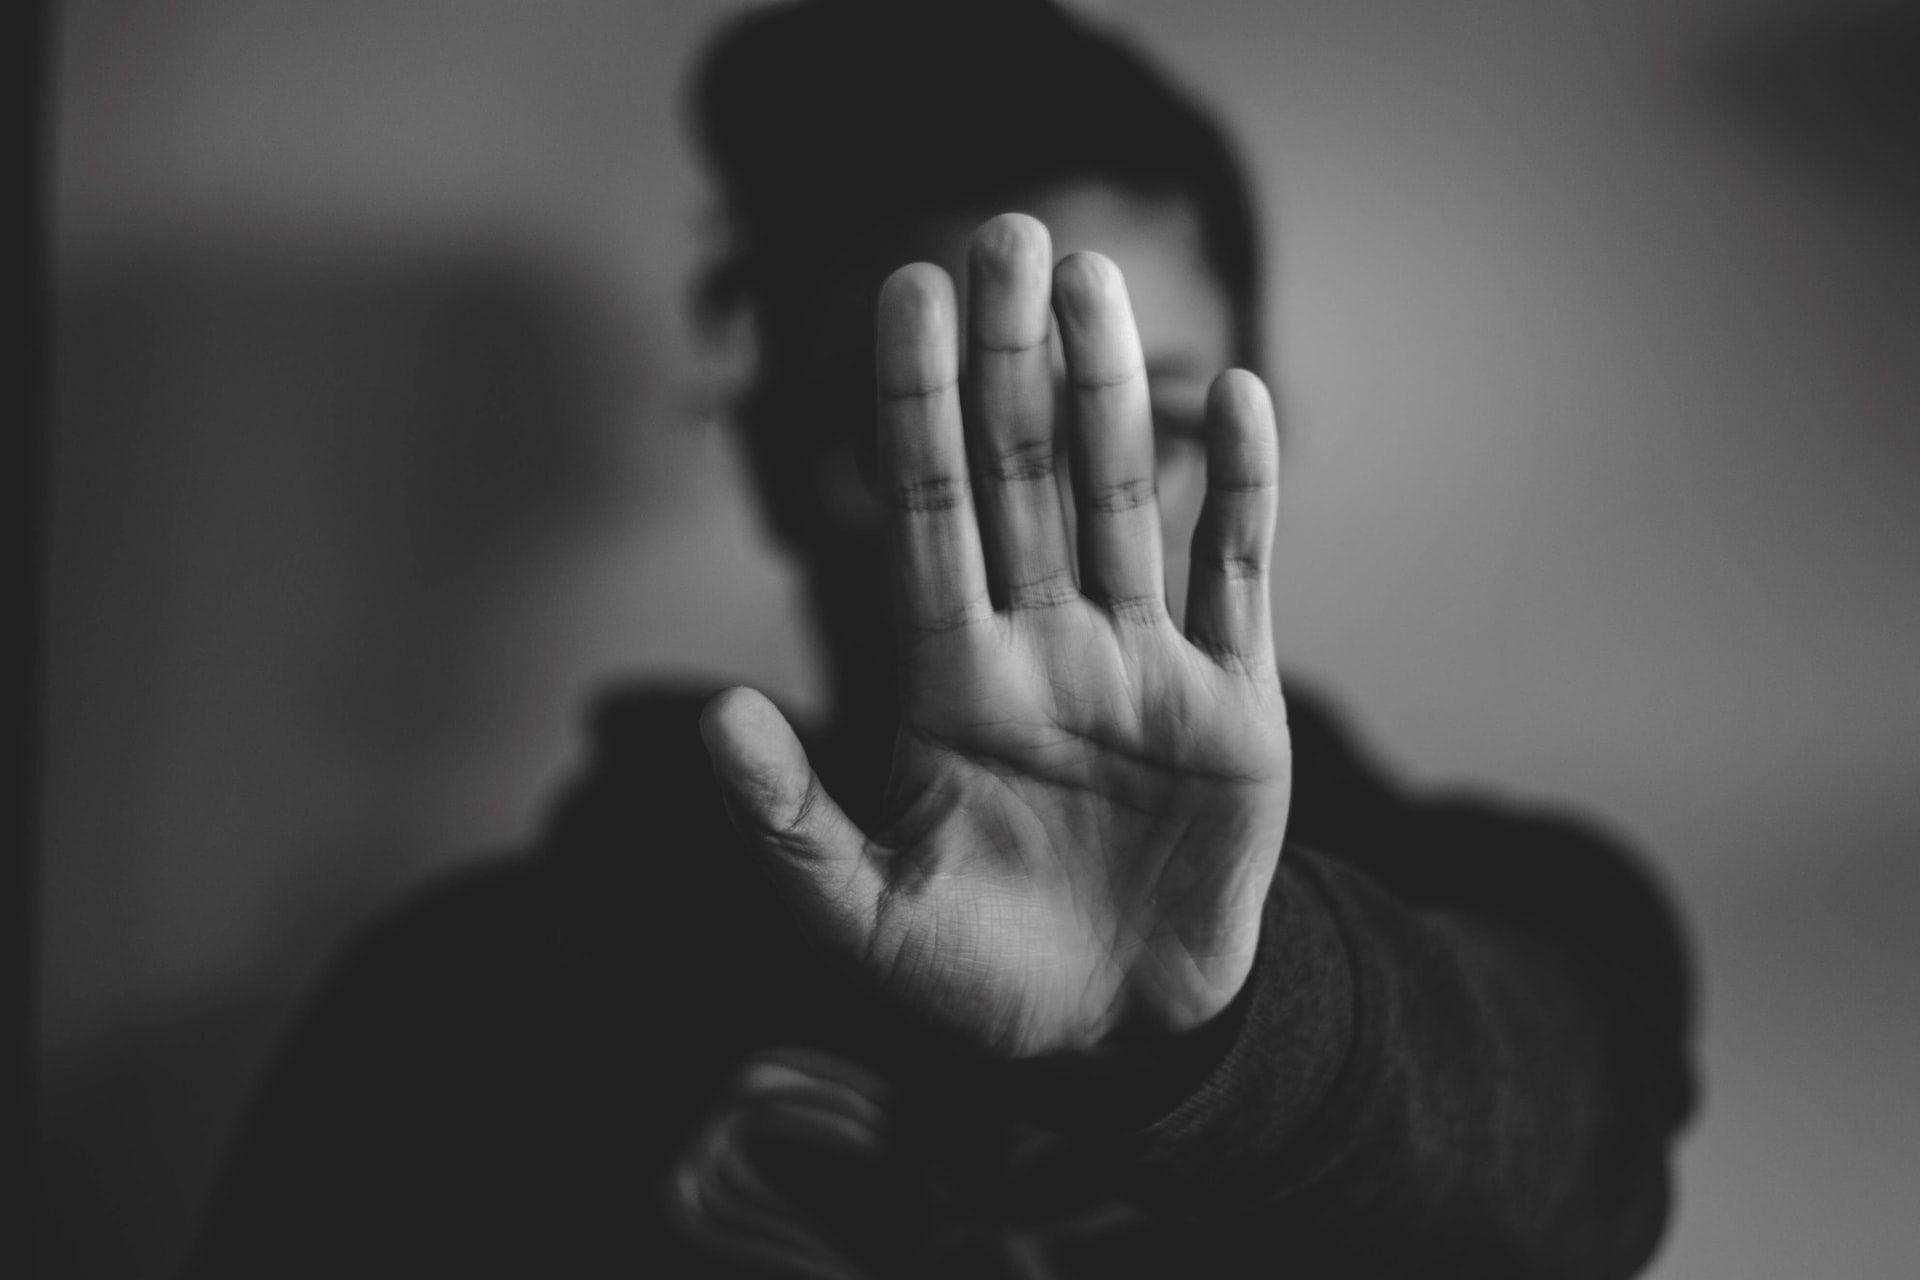 personne qui se cache le visage pour protéger son identité - blov.troov.com